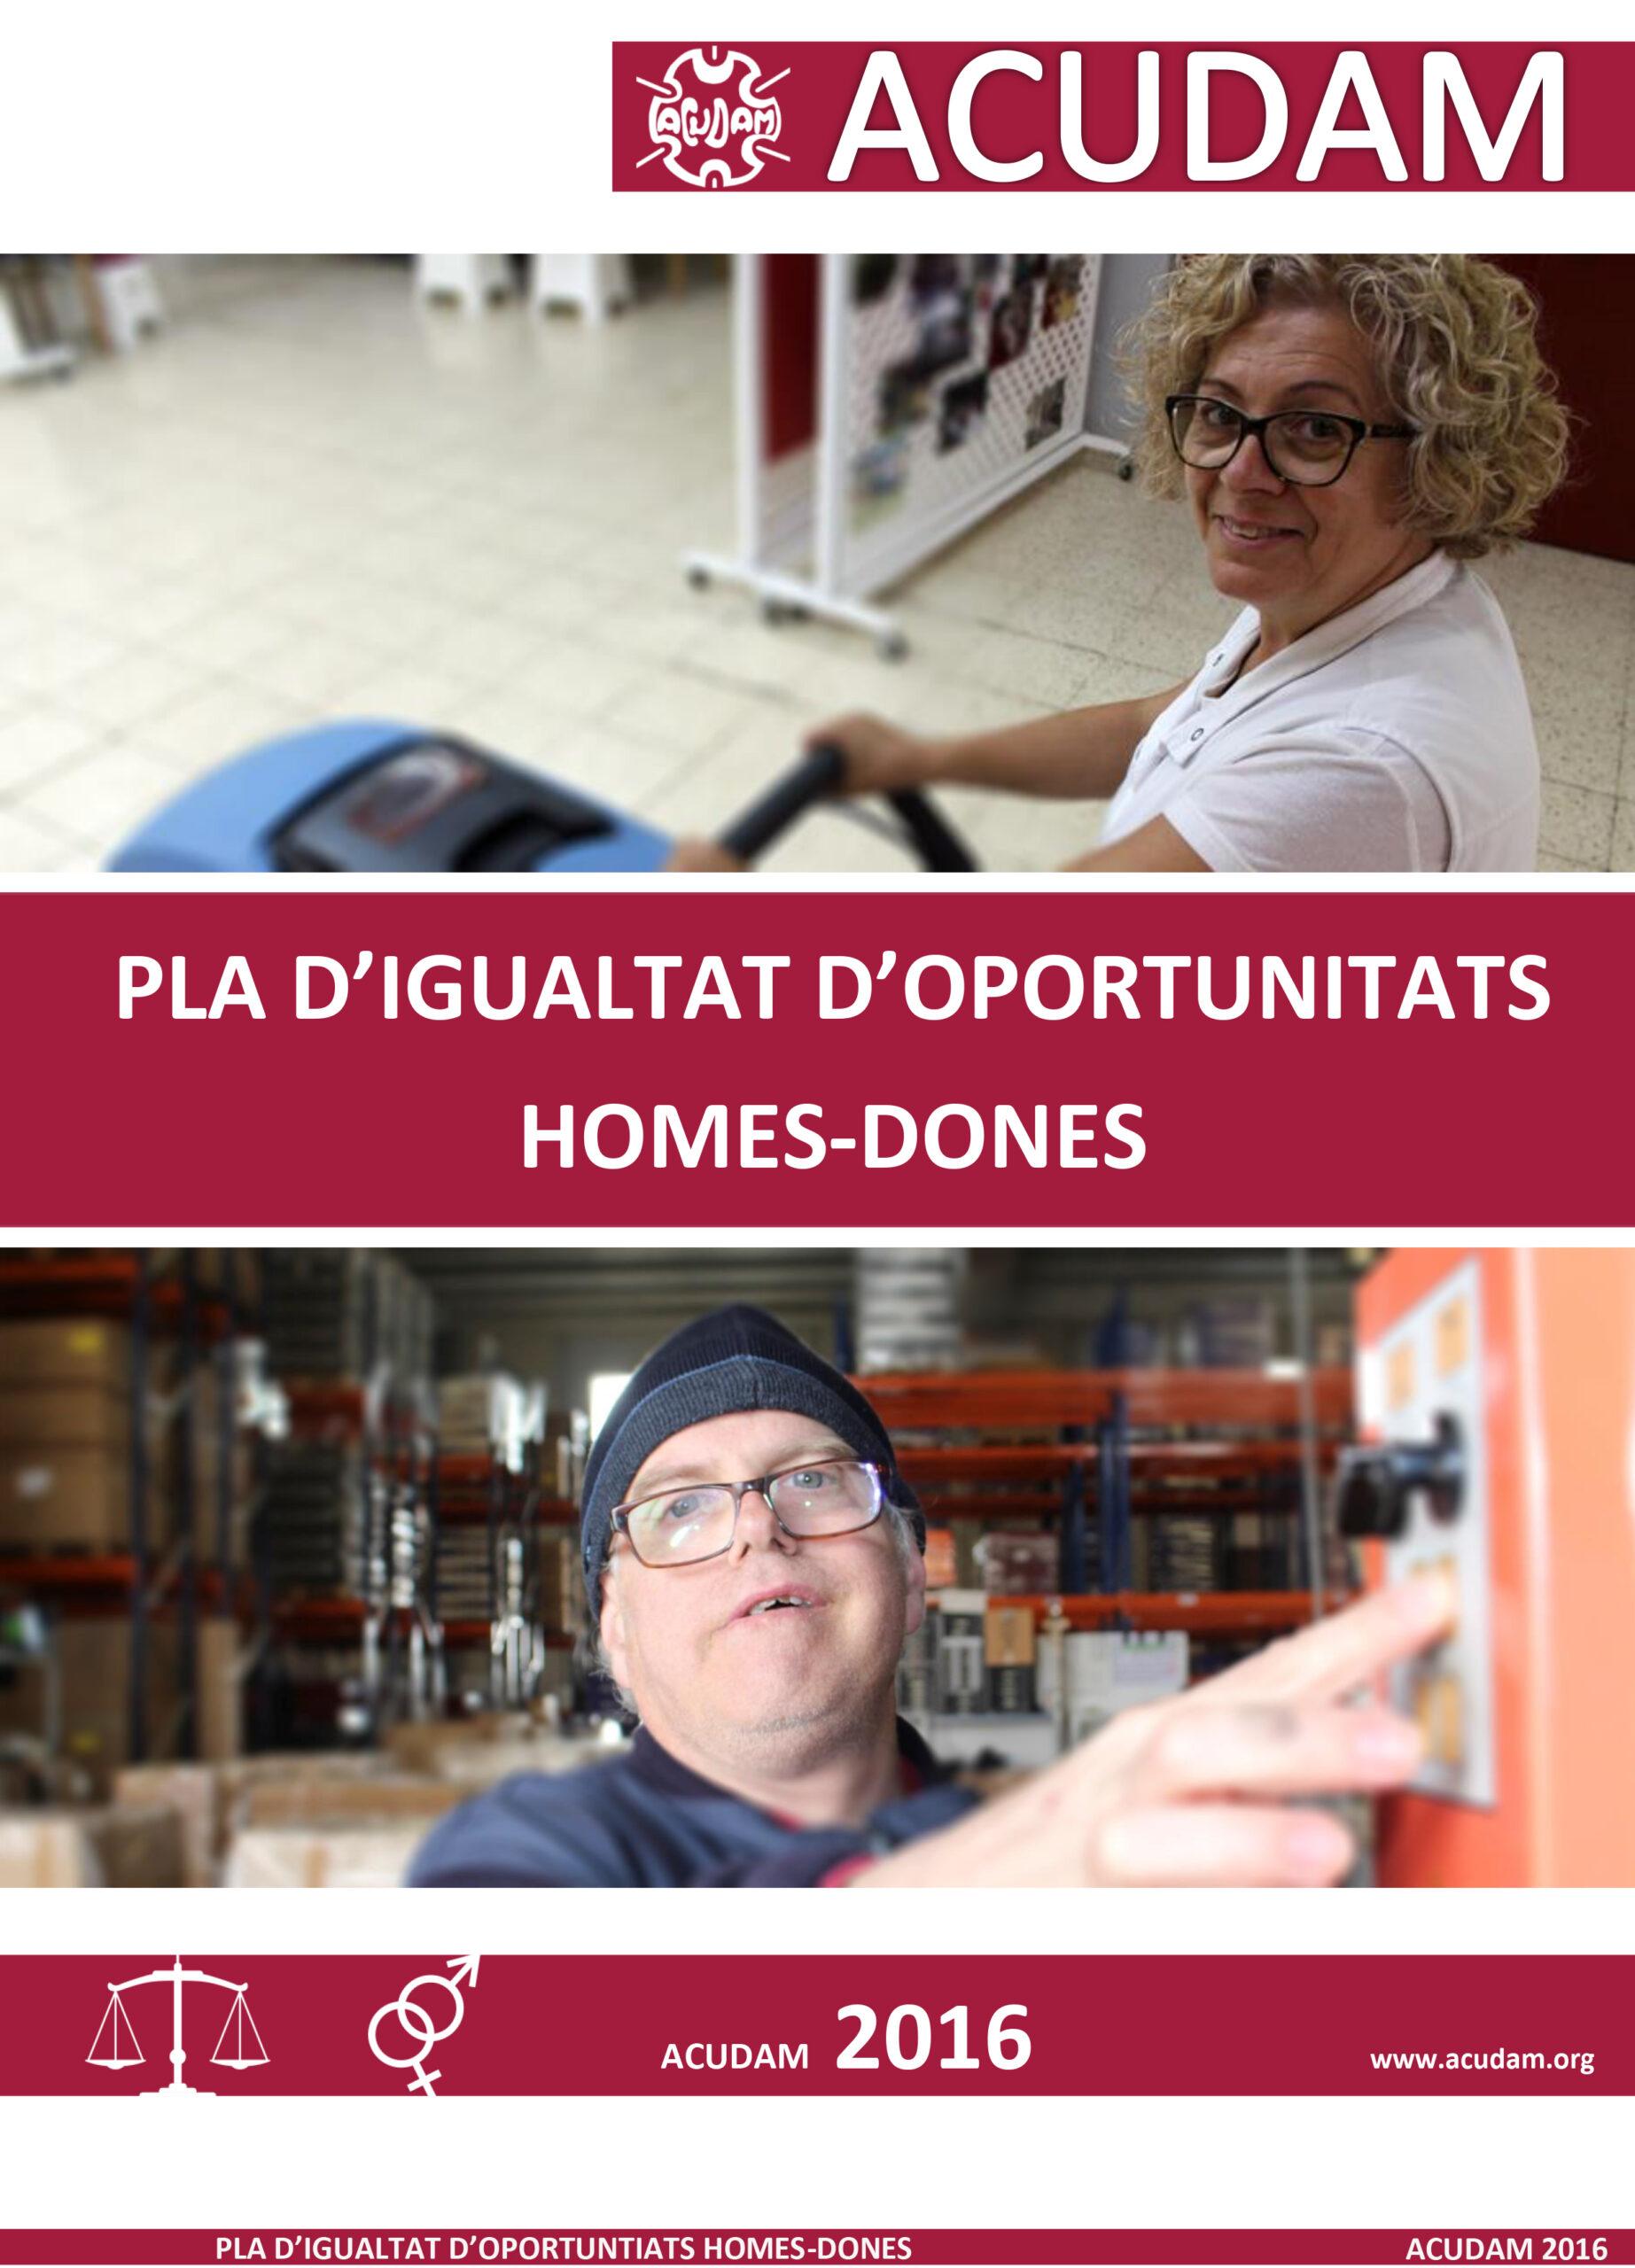 PLA-D_IGUALTAT-D_OPORTUNITATS-HOMES_DONES_ACUDAM-1